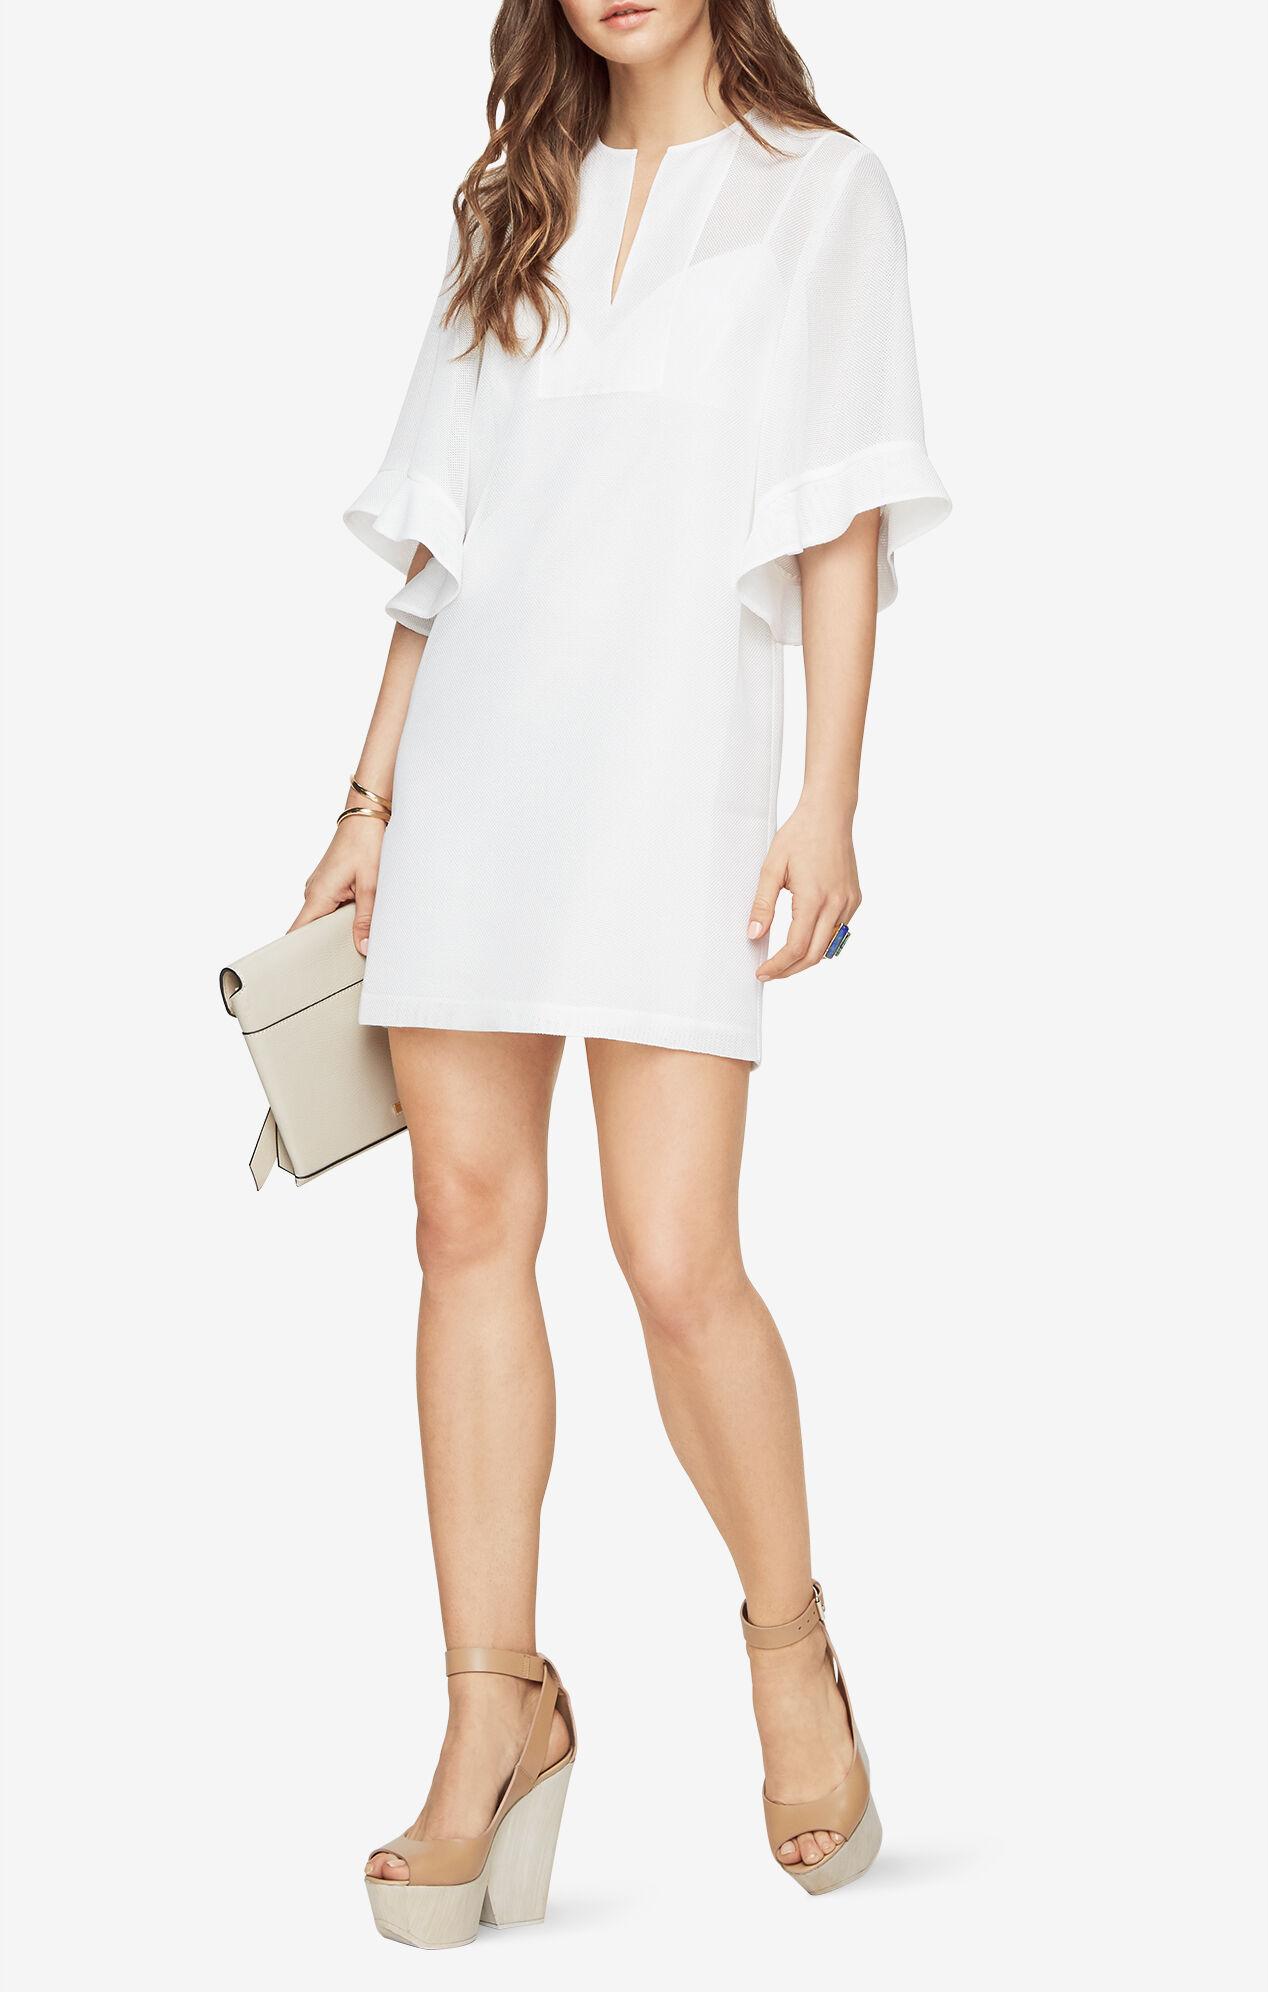 Tati Ruffle-Sleeve Dress